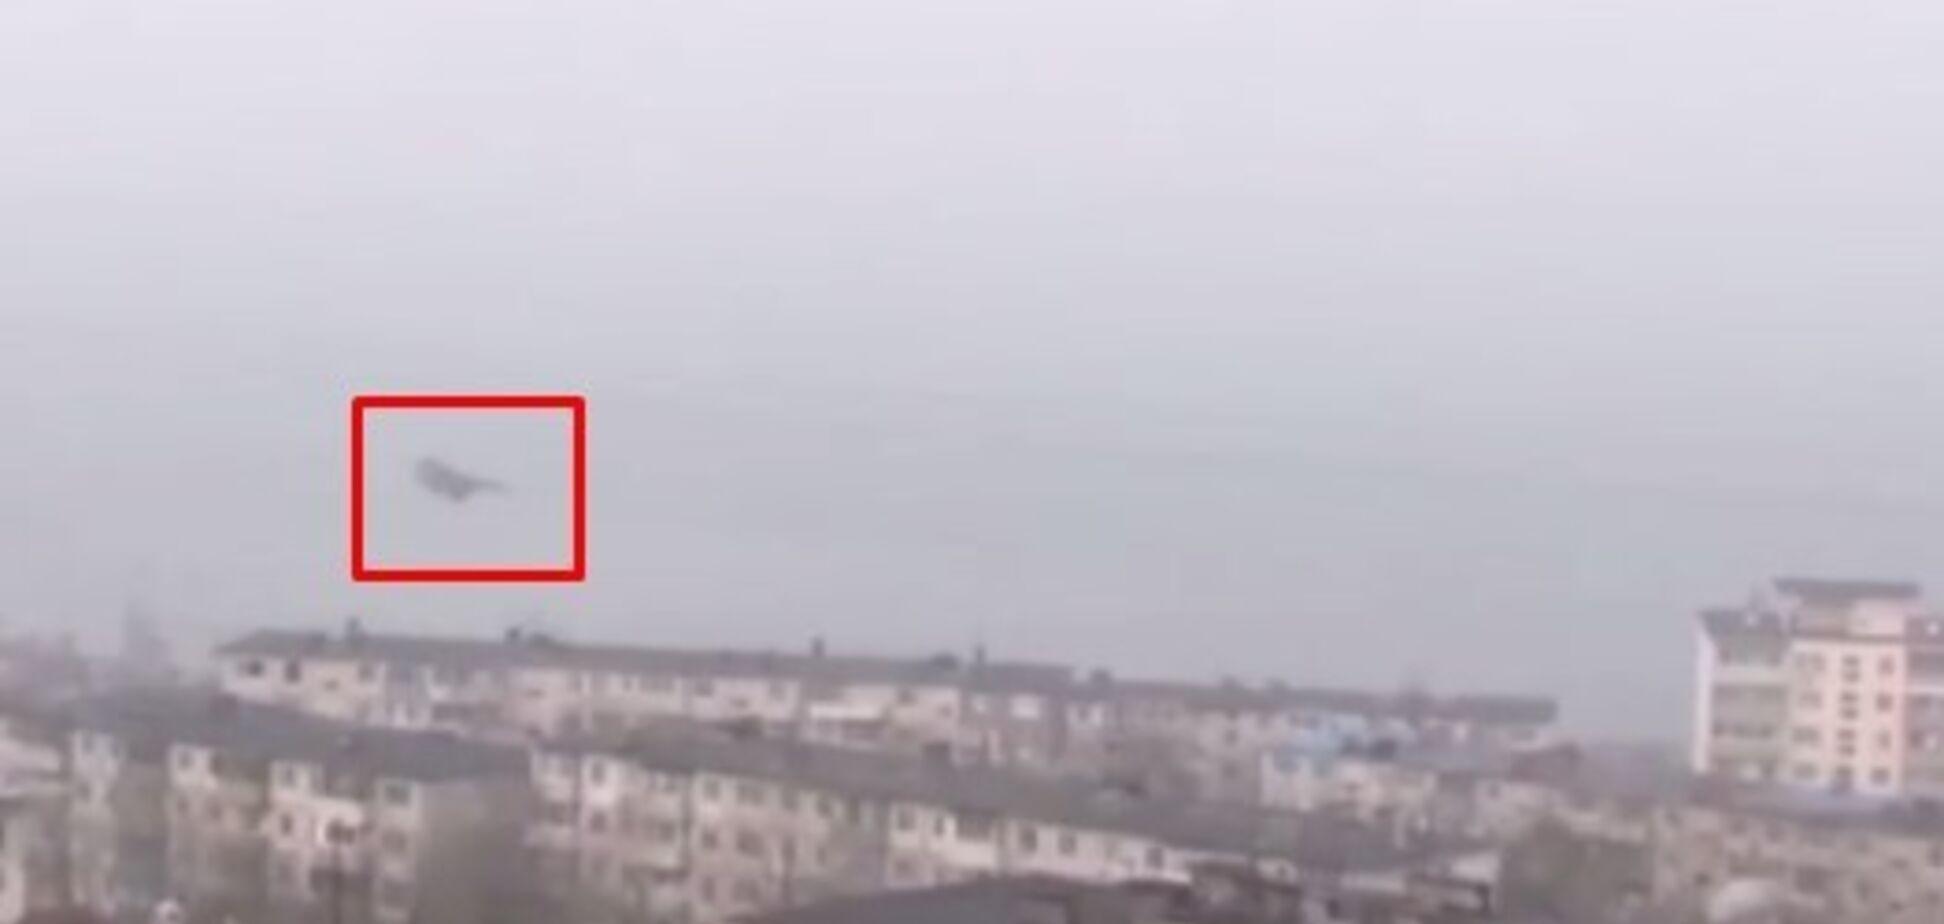 Винищувач над житловими будинками у Владивостоці